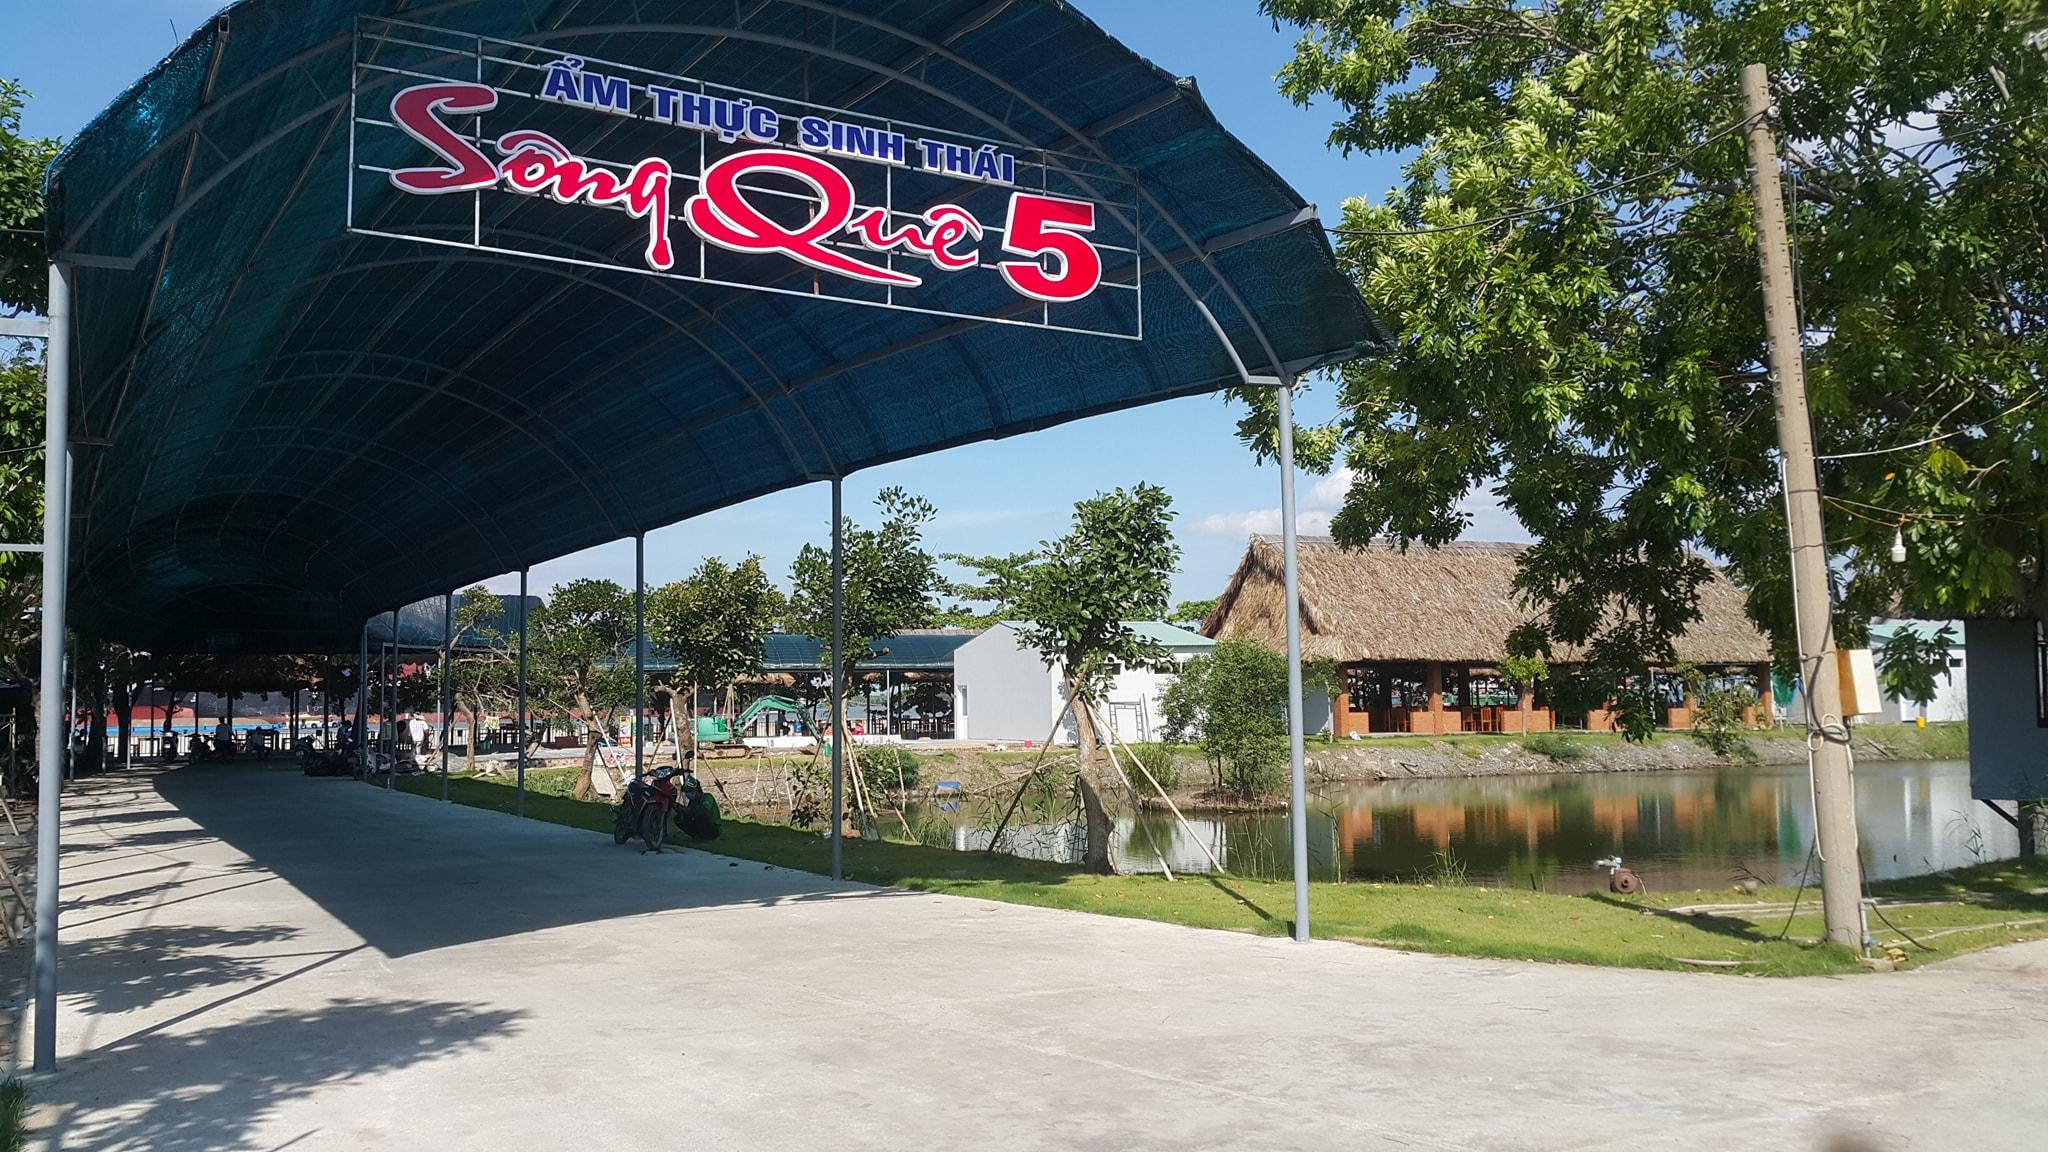 Nhà hàng Sông Quê 5